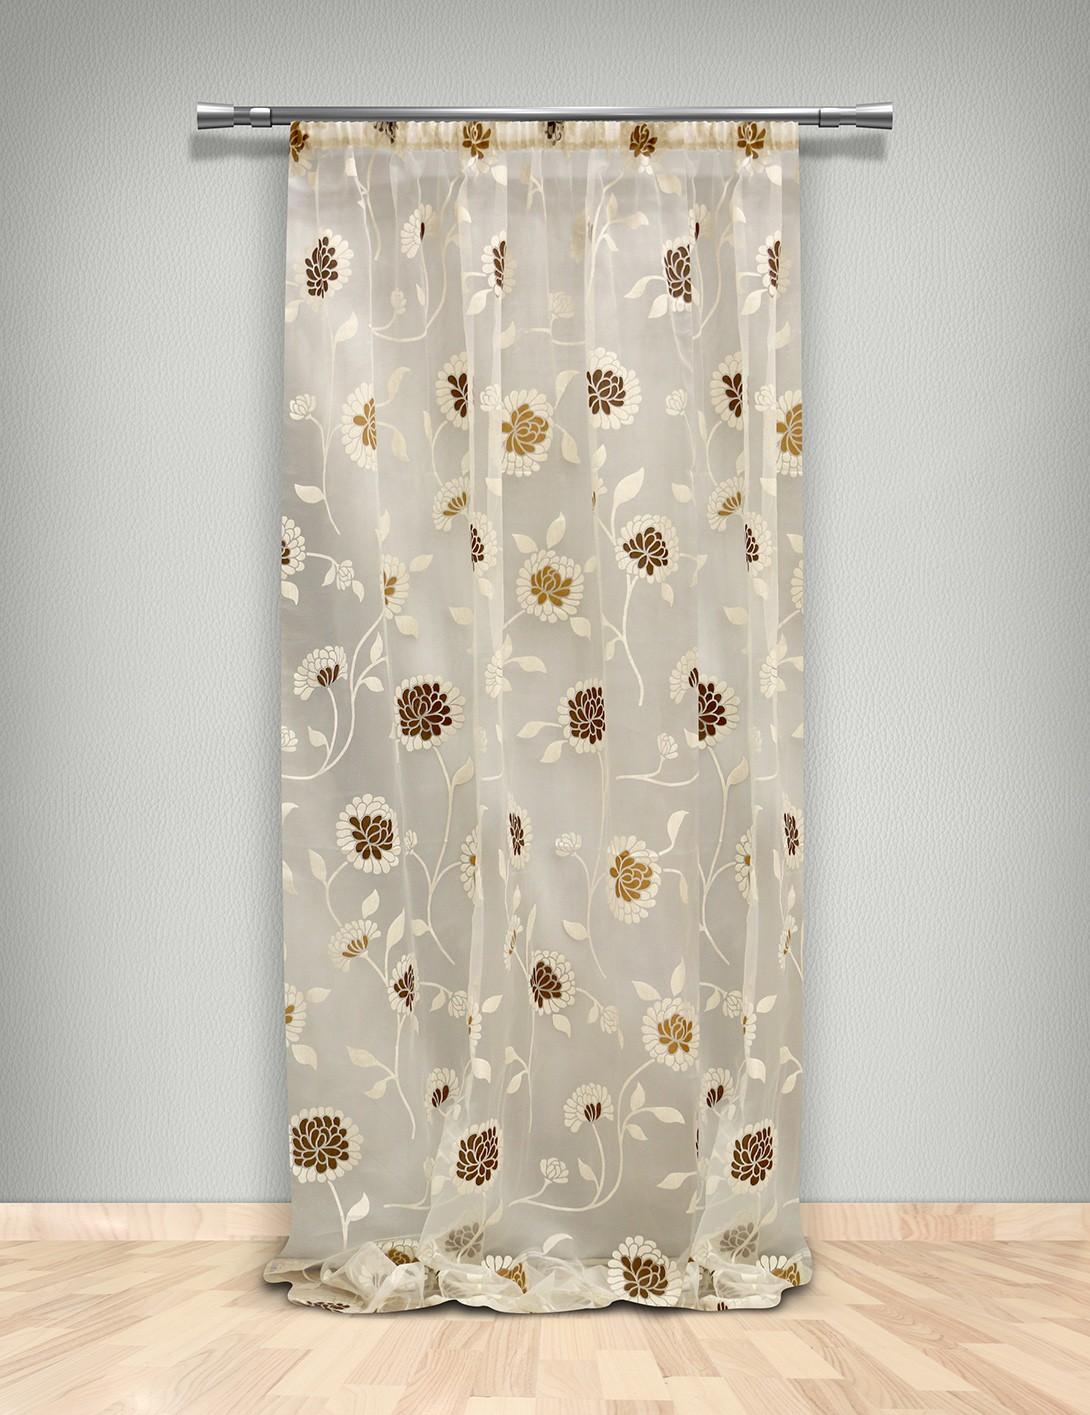 Κουρτίνα (145x300) Maison Blanche 7020023004